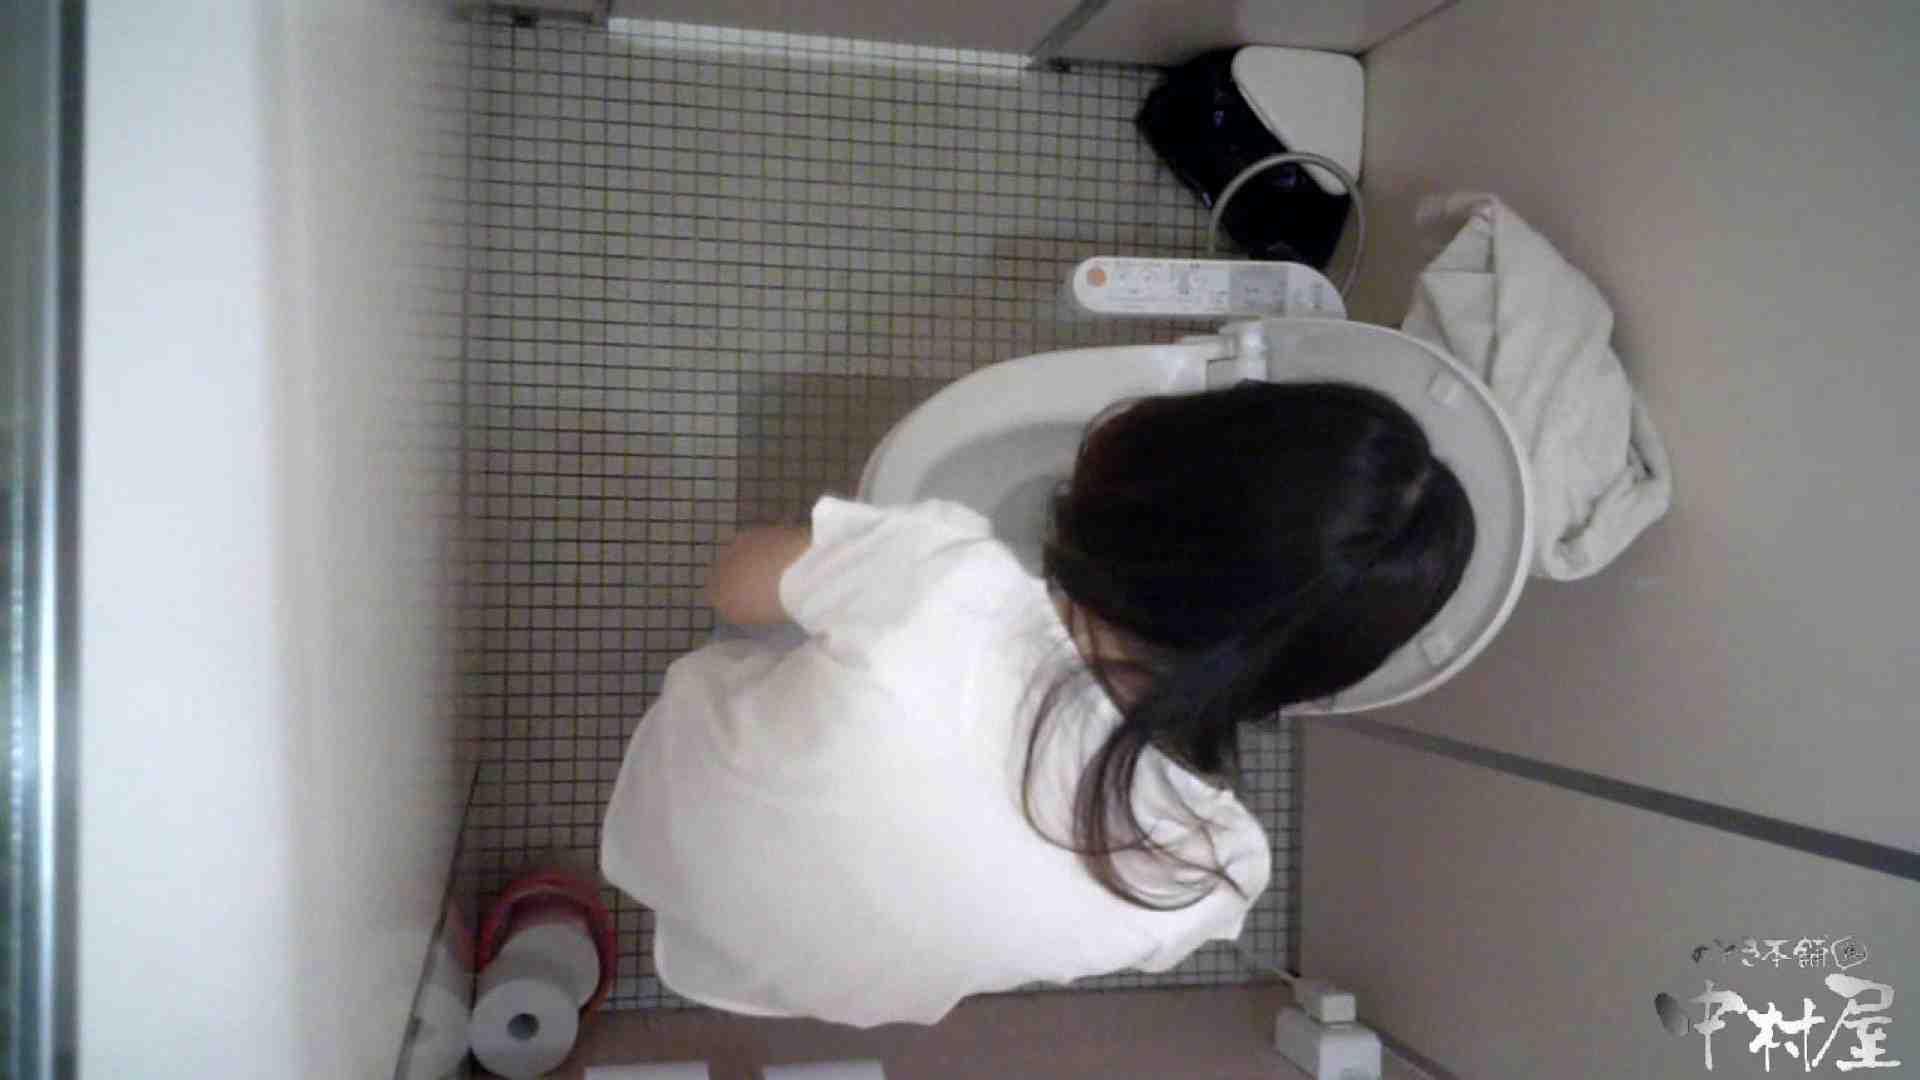 【某有名大学女性洗面所】有名大学女性洗面所 vol.43 いつみても神秘的な世界です。 0  105pic 46